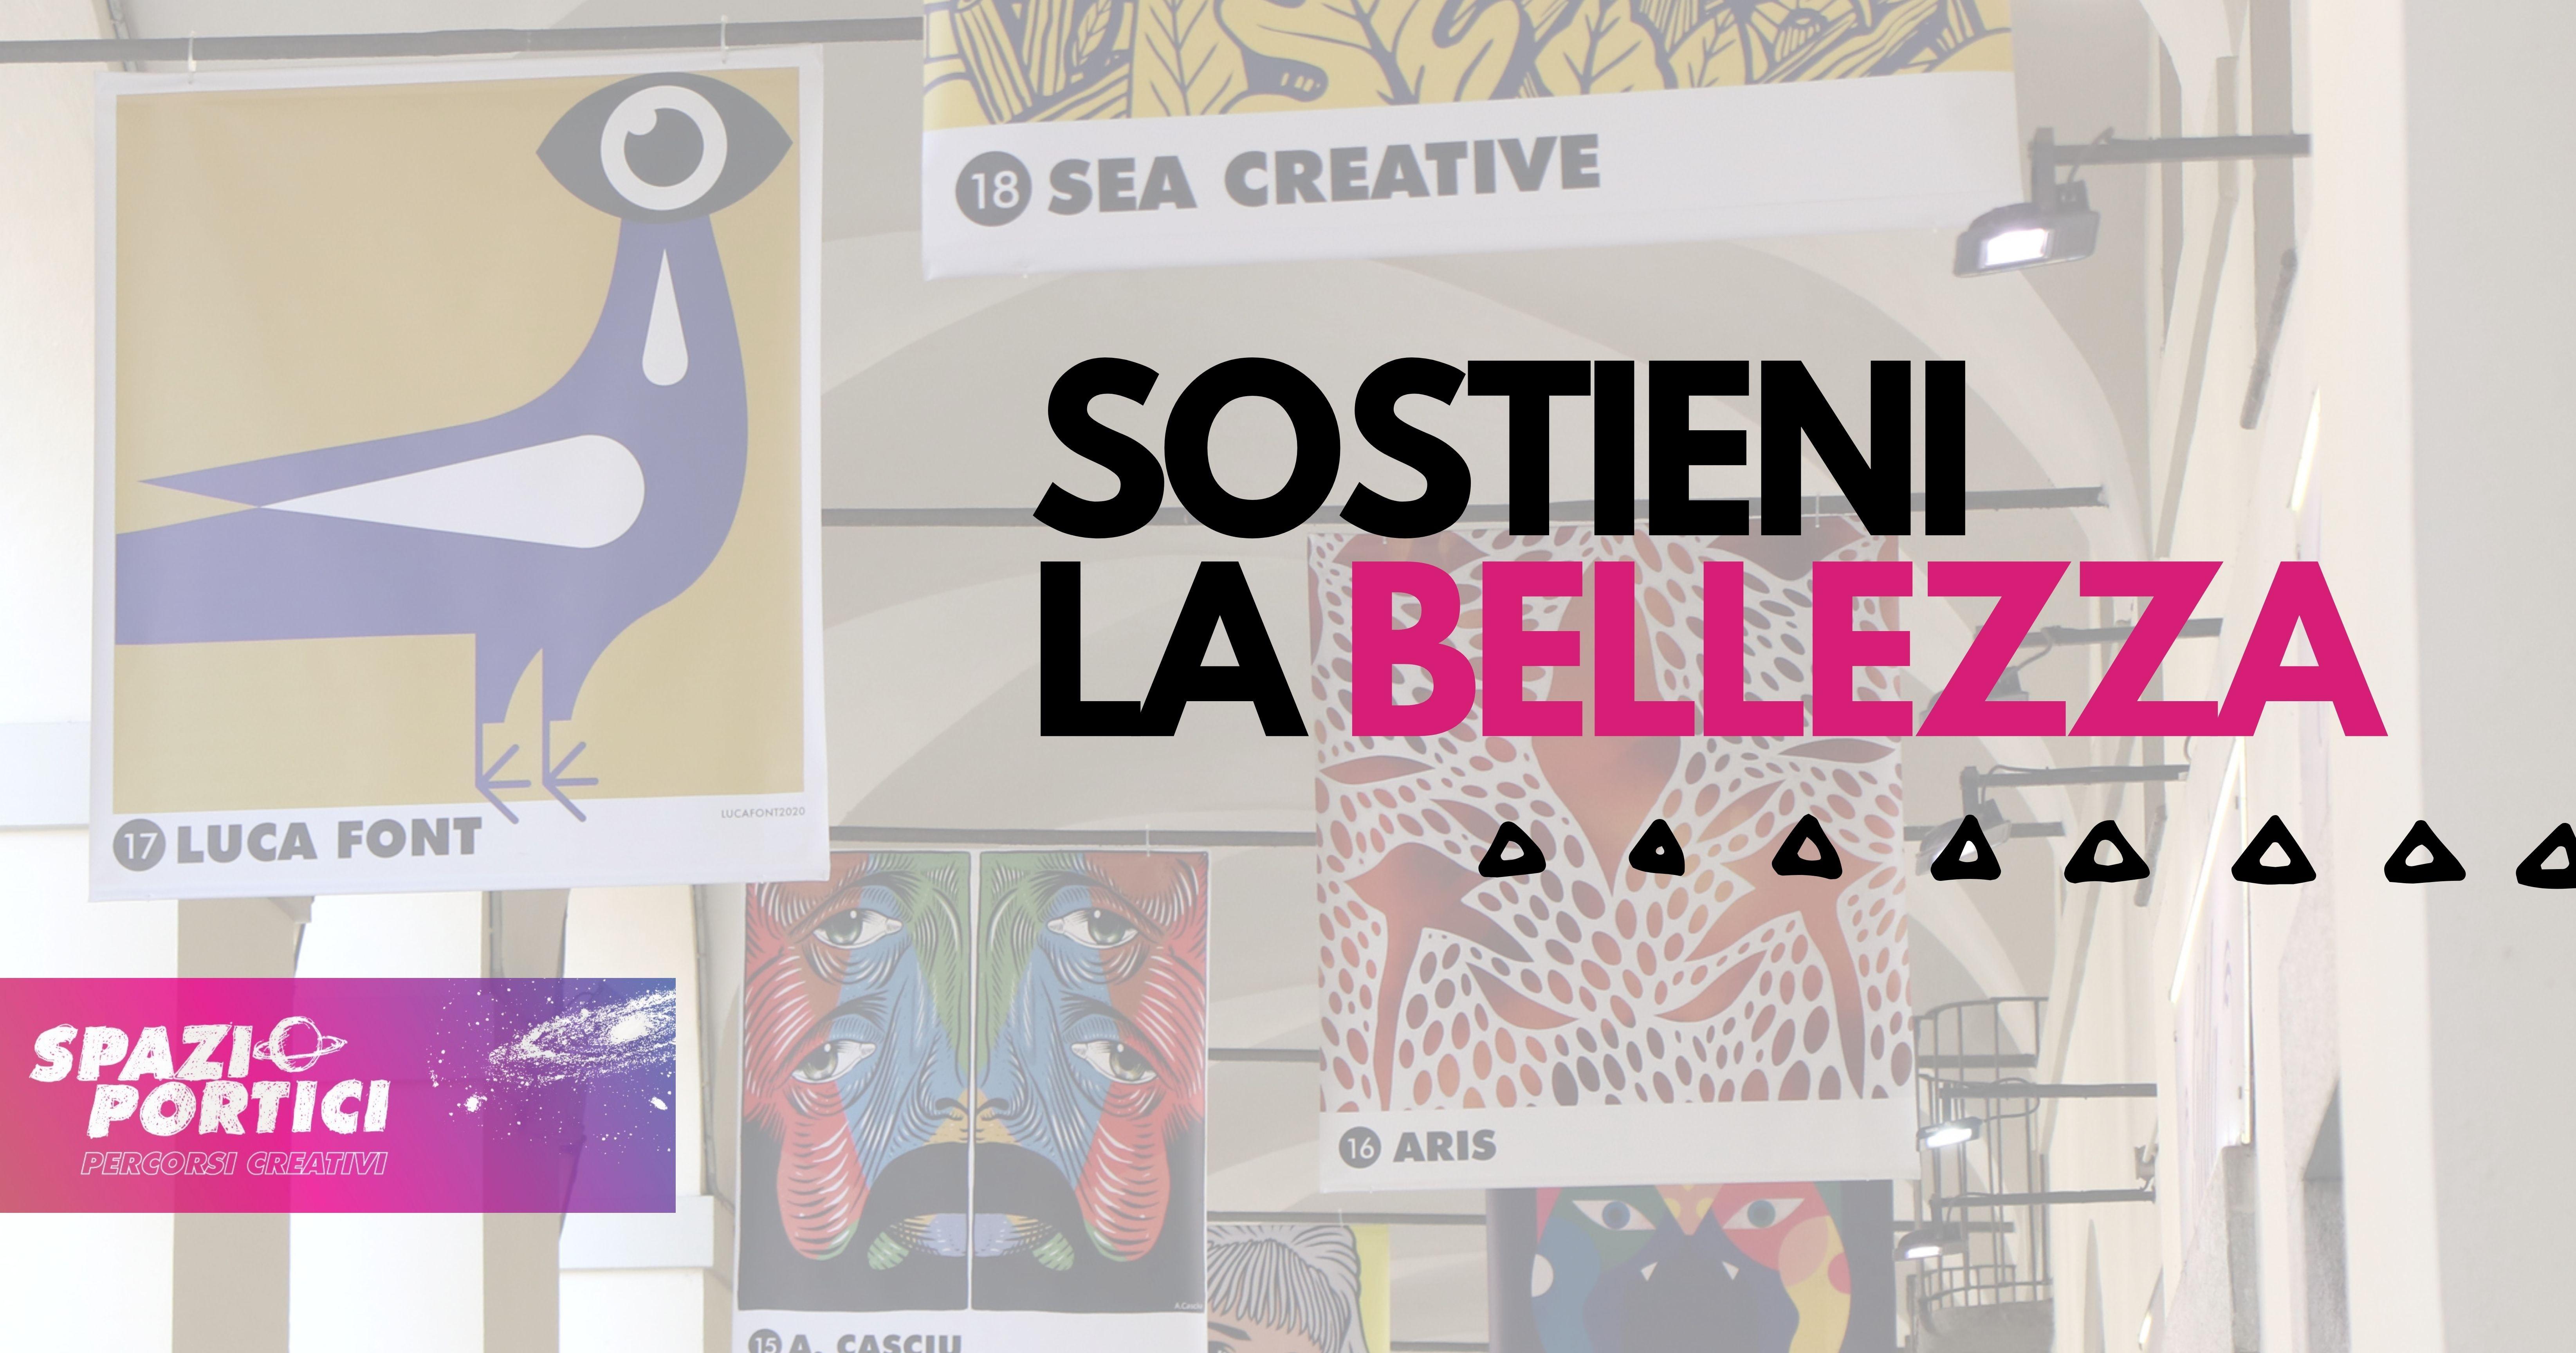 Spazio Portici - Percorsi Creativi-Fondazione Contrada Torino